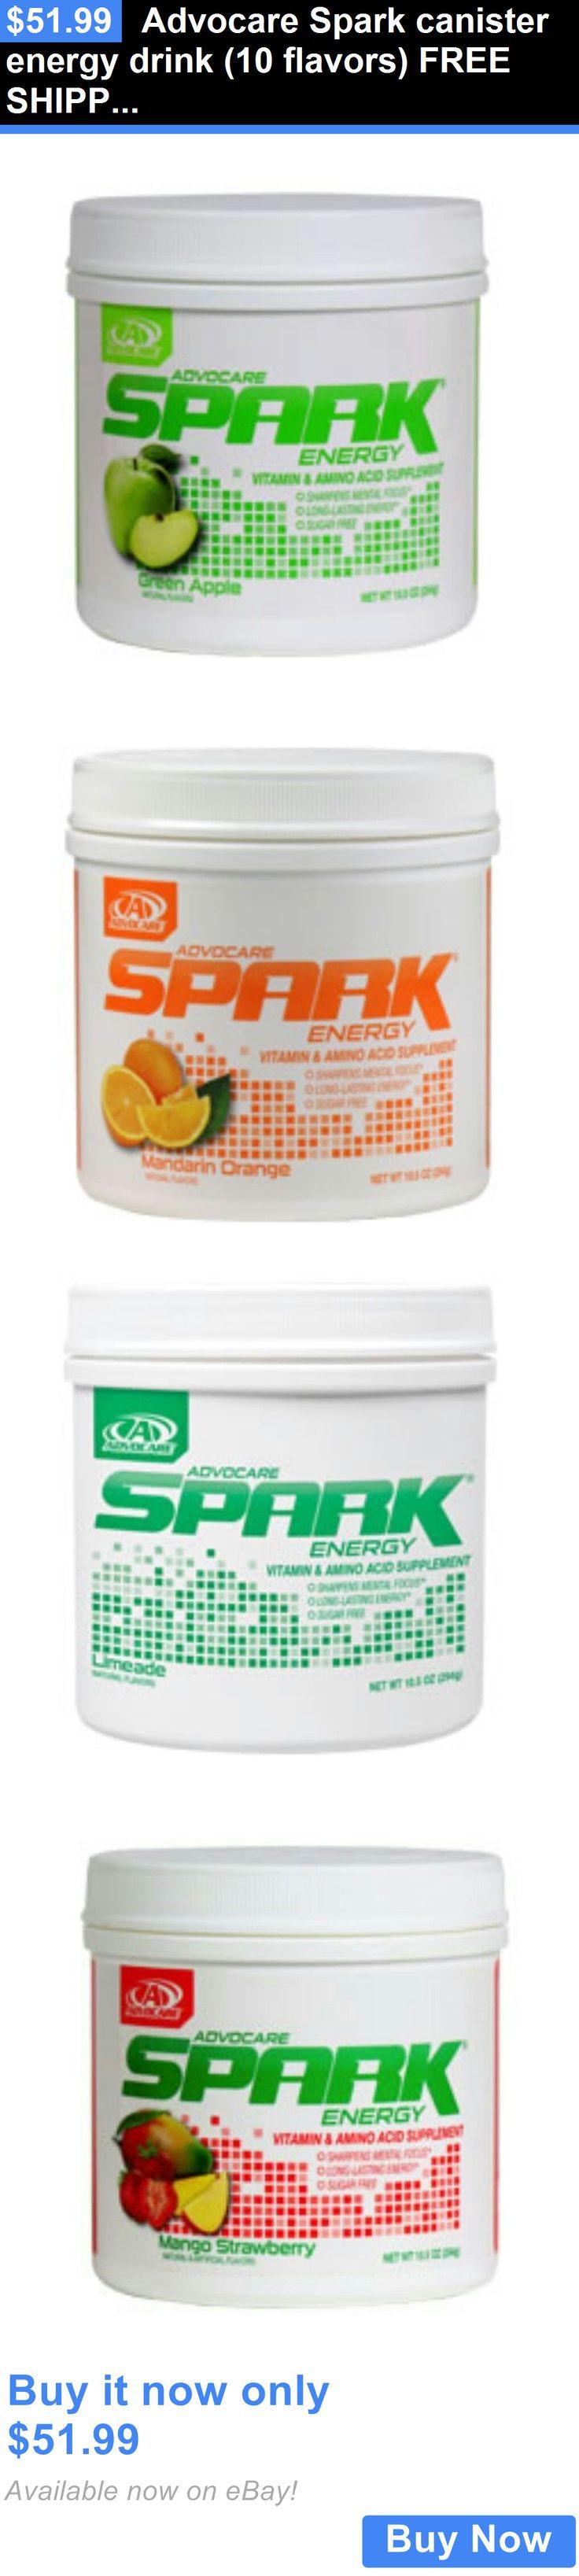 Is Spark Energy Drink Harmful